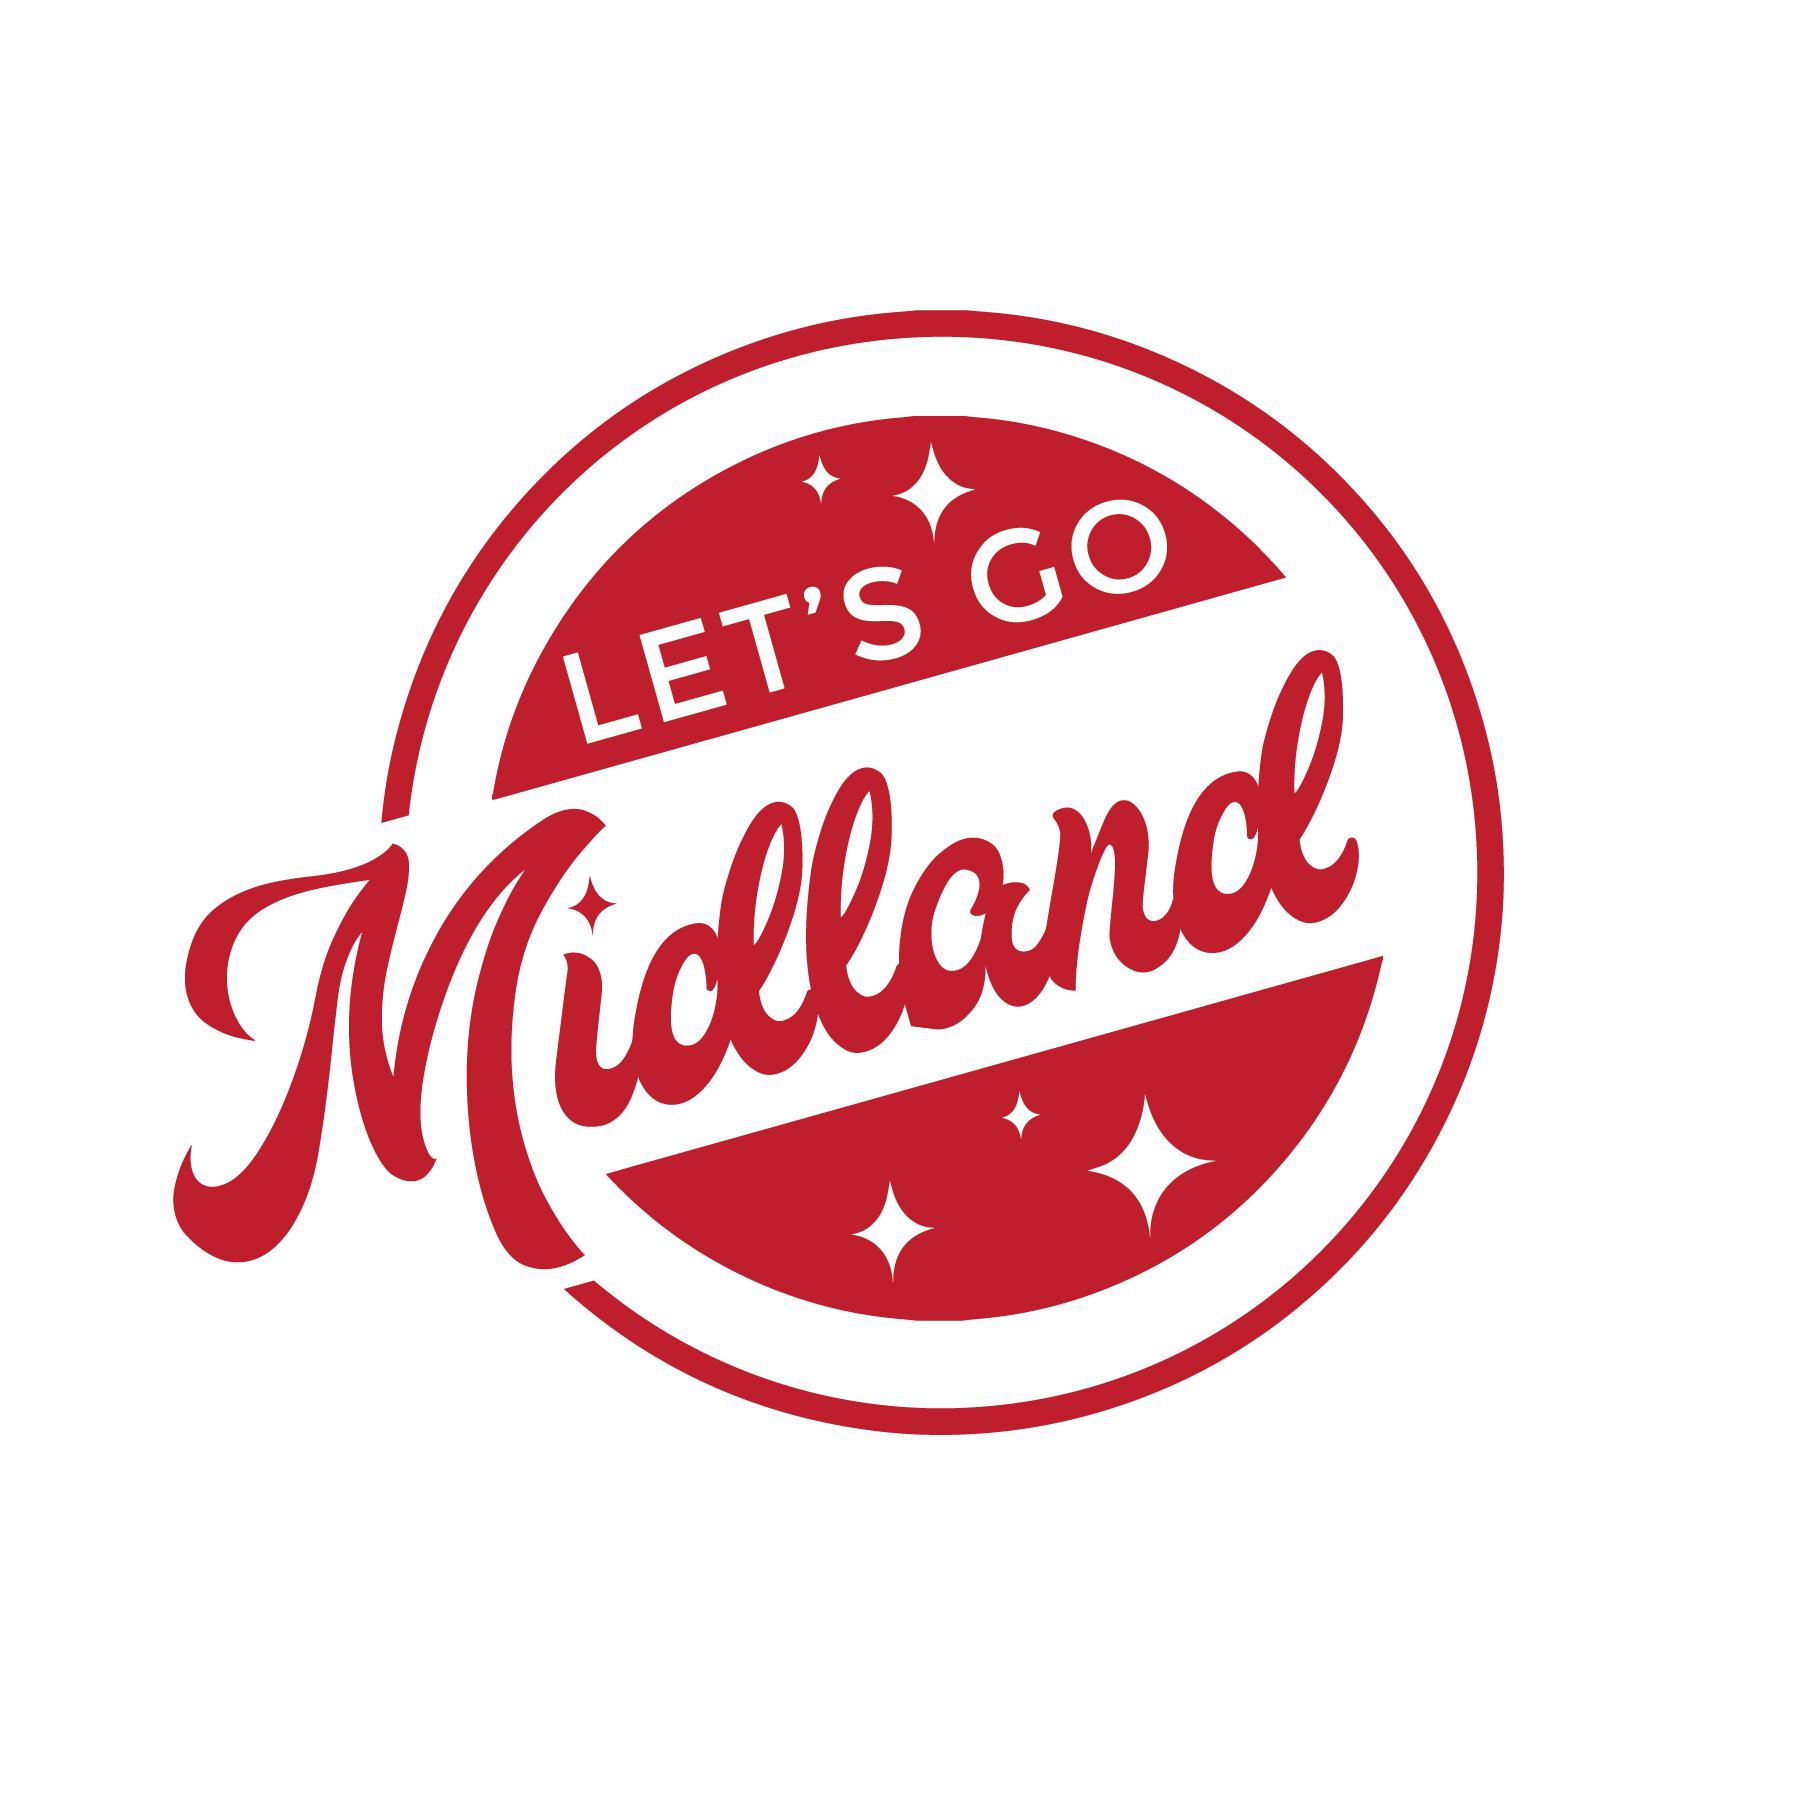 Let's Go Midland